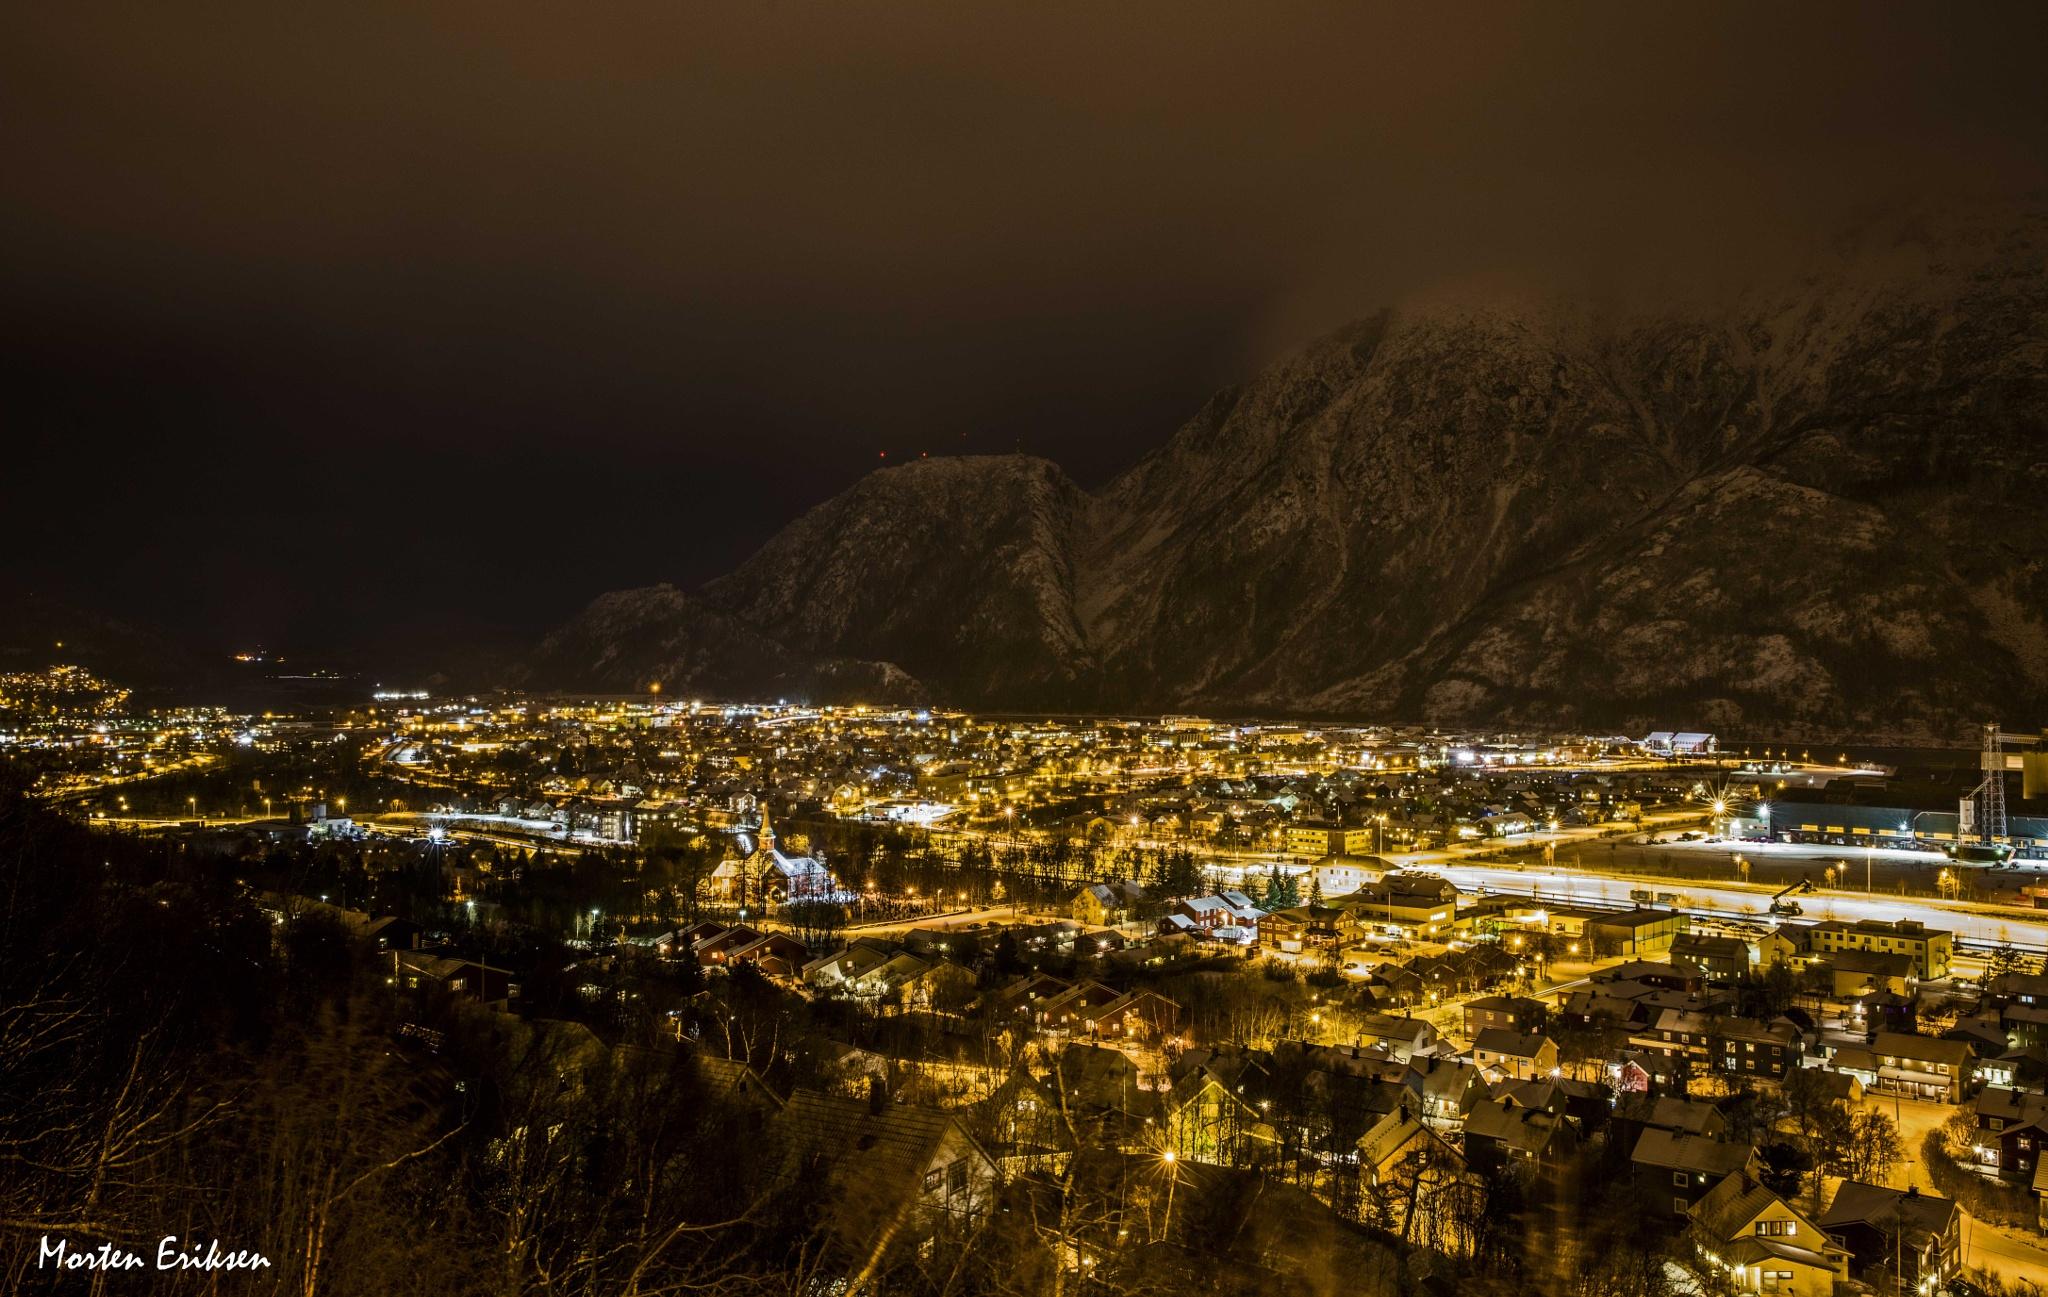 Mosjøen - Night Photography by Morten Eriksen